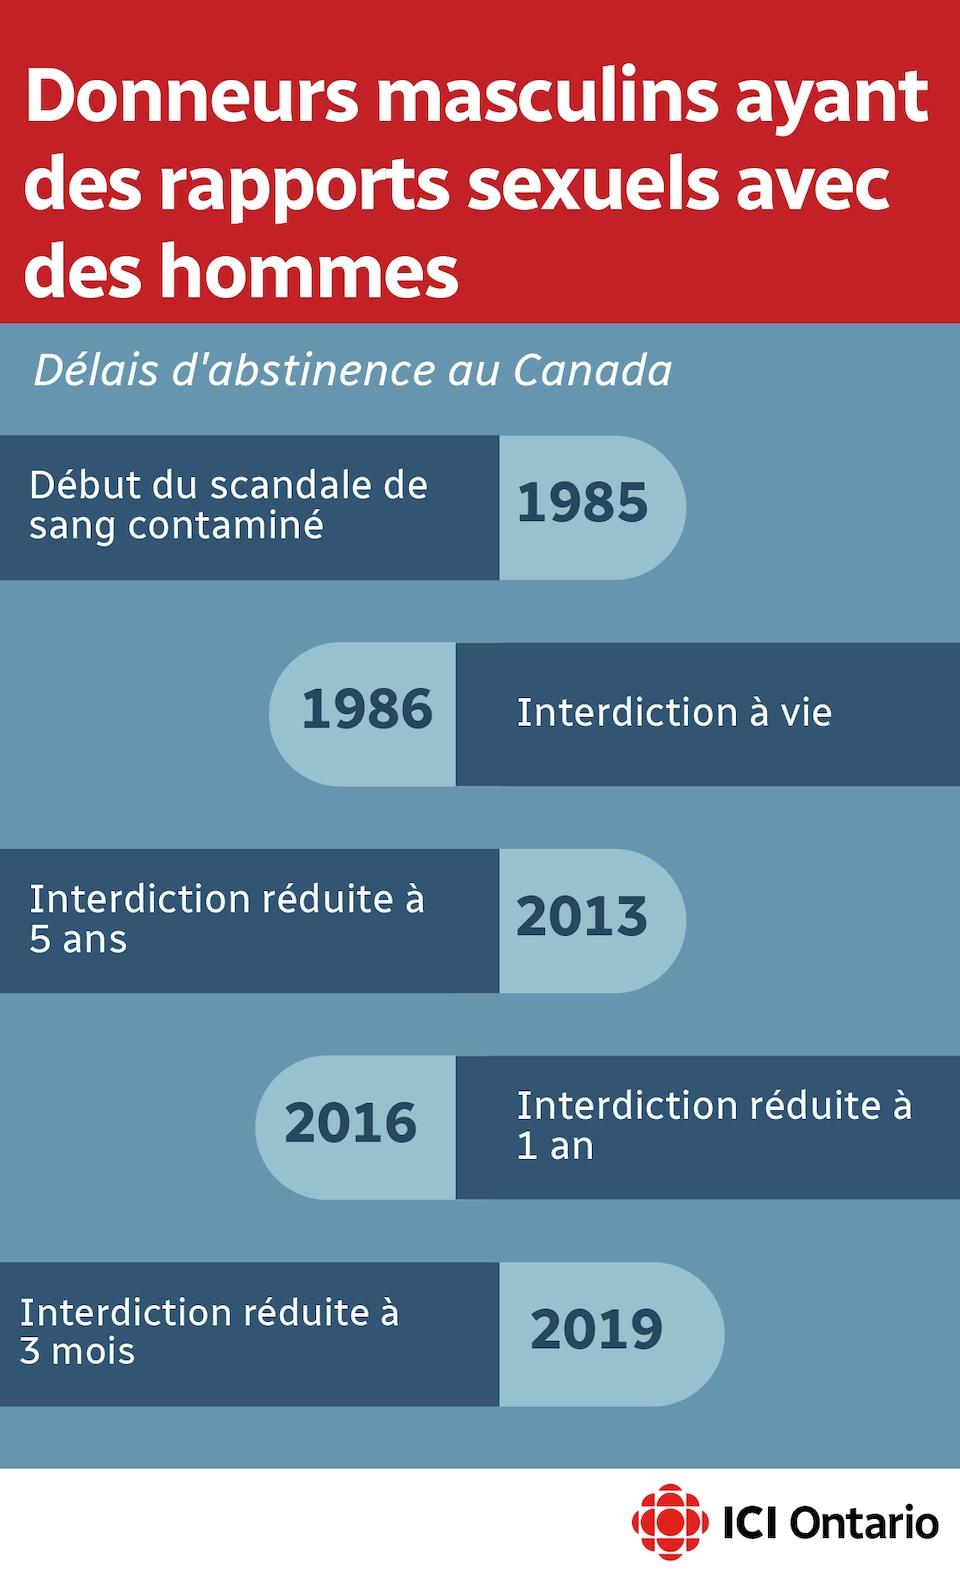 Ligne de temps représentant les délais d'abstinence à respecter au Canada entre 1985 et 2019.